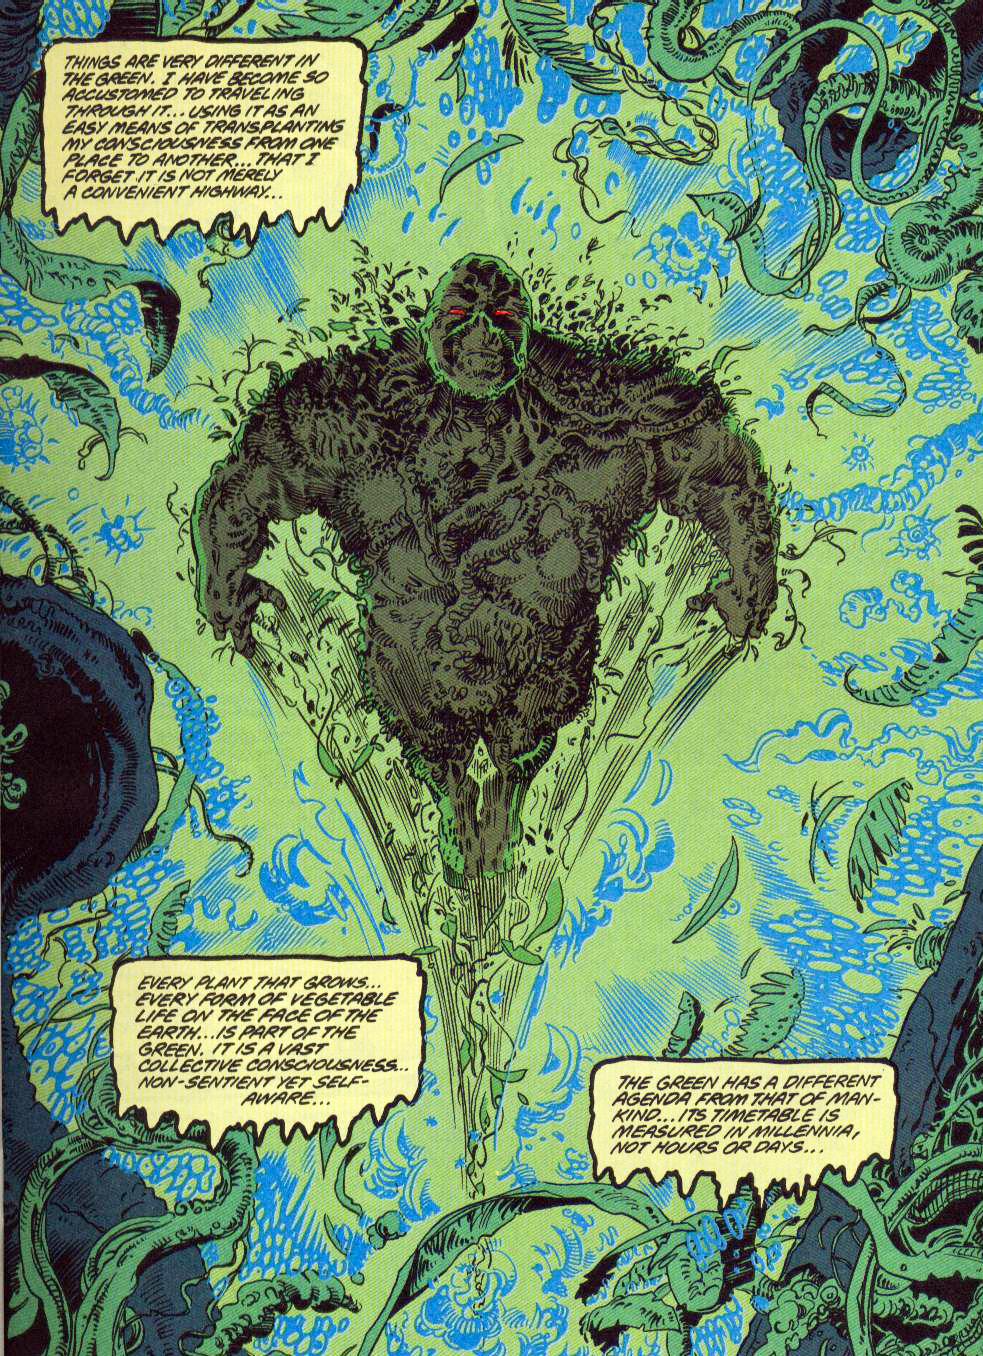 Batman vs poison ivy - 1 part 7